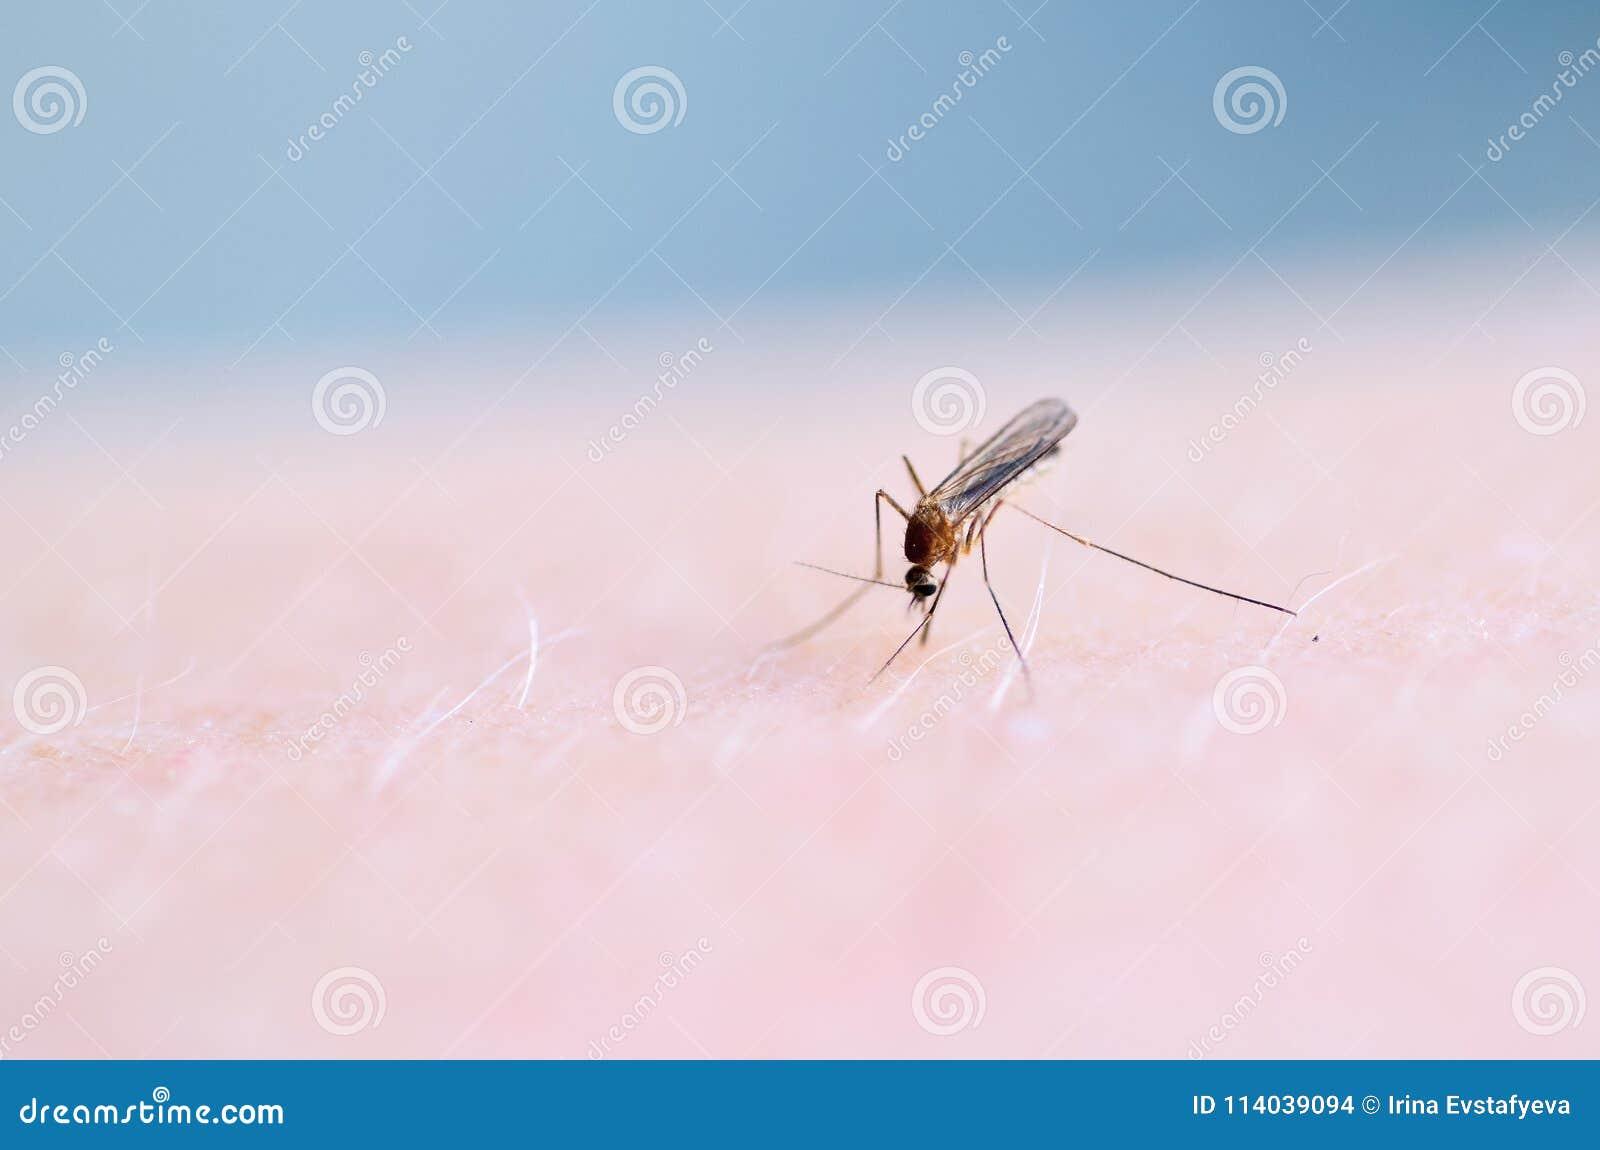 Κλείστε επάνω του απορροφώντας αίματος κουνουπιών στο ανθρώπινο δέρμα, το κουνούπι είναι μεταφορέας της ελονοσίας εγκεφαλίτιδα Ιό